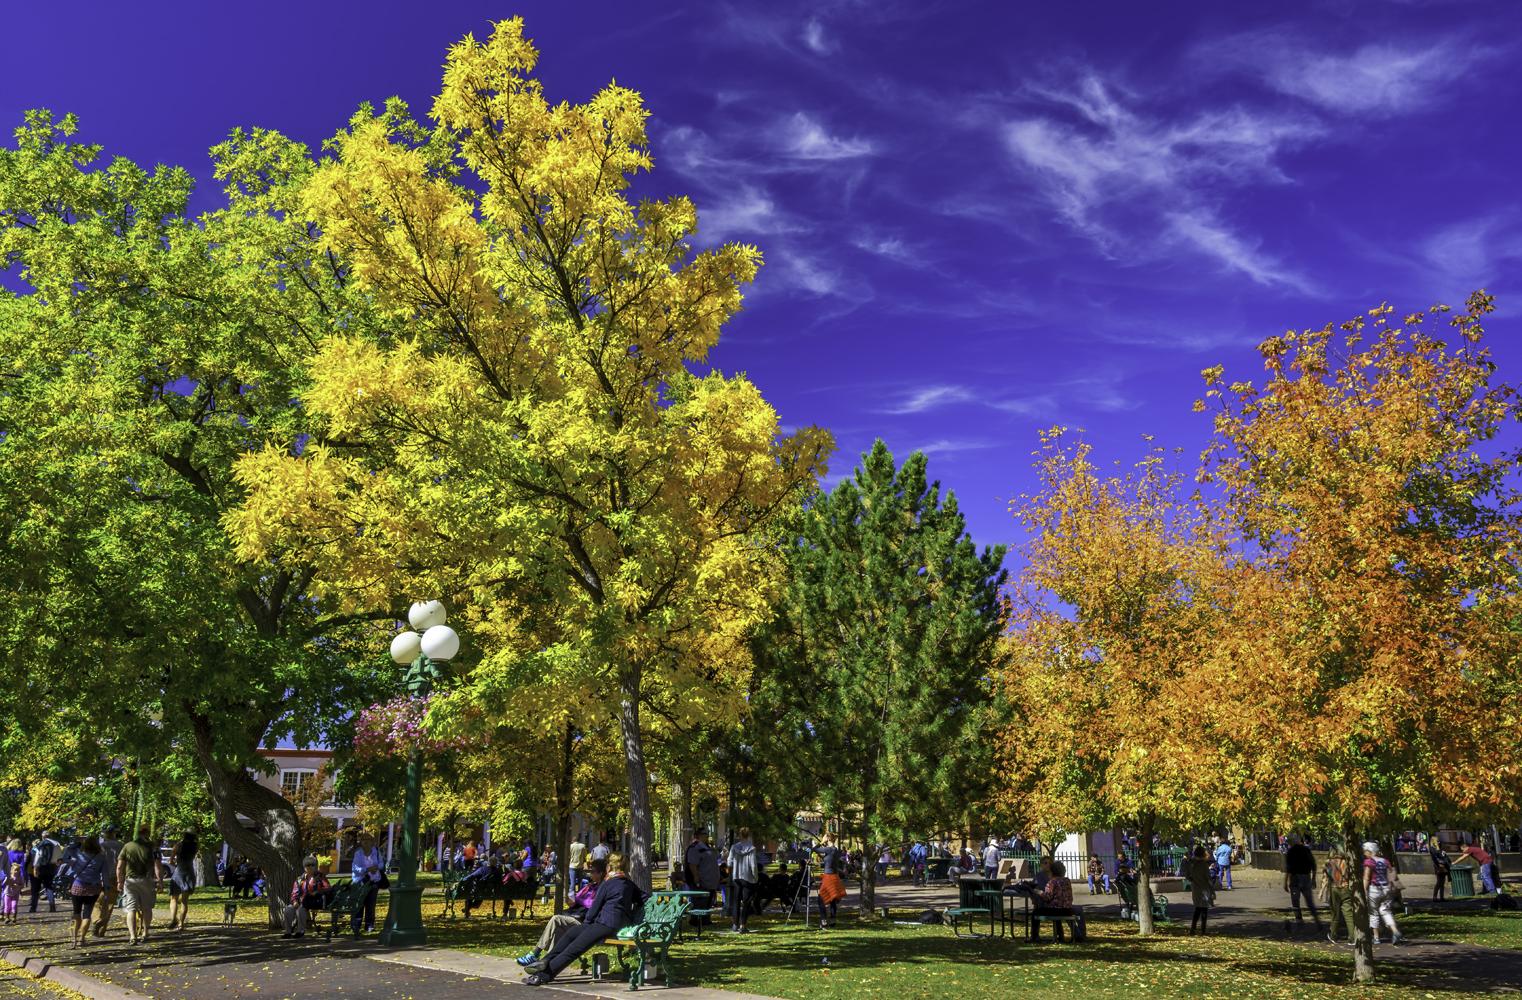 Plaza Santa Fe1